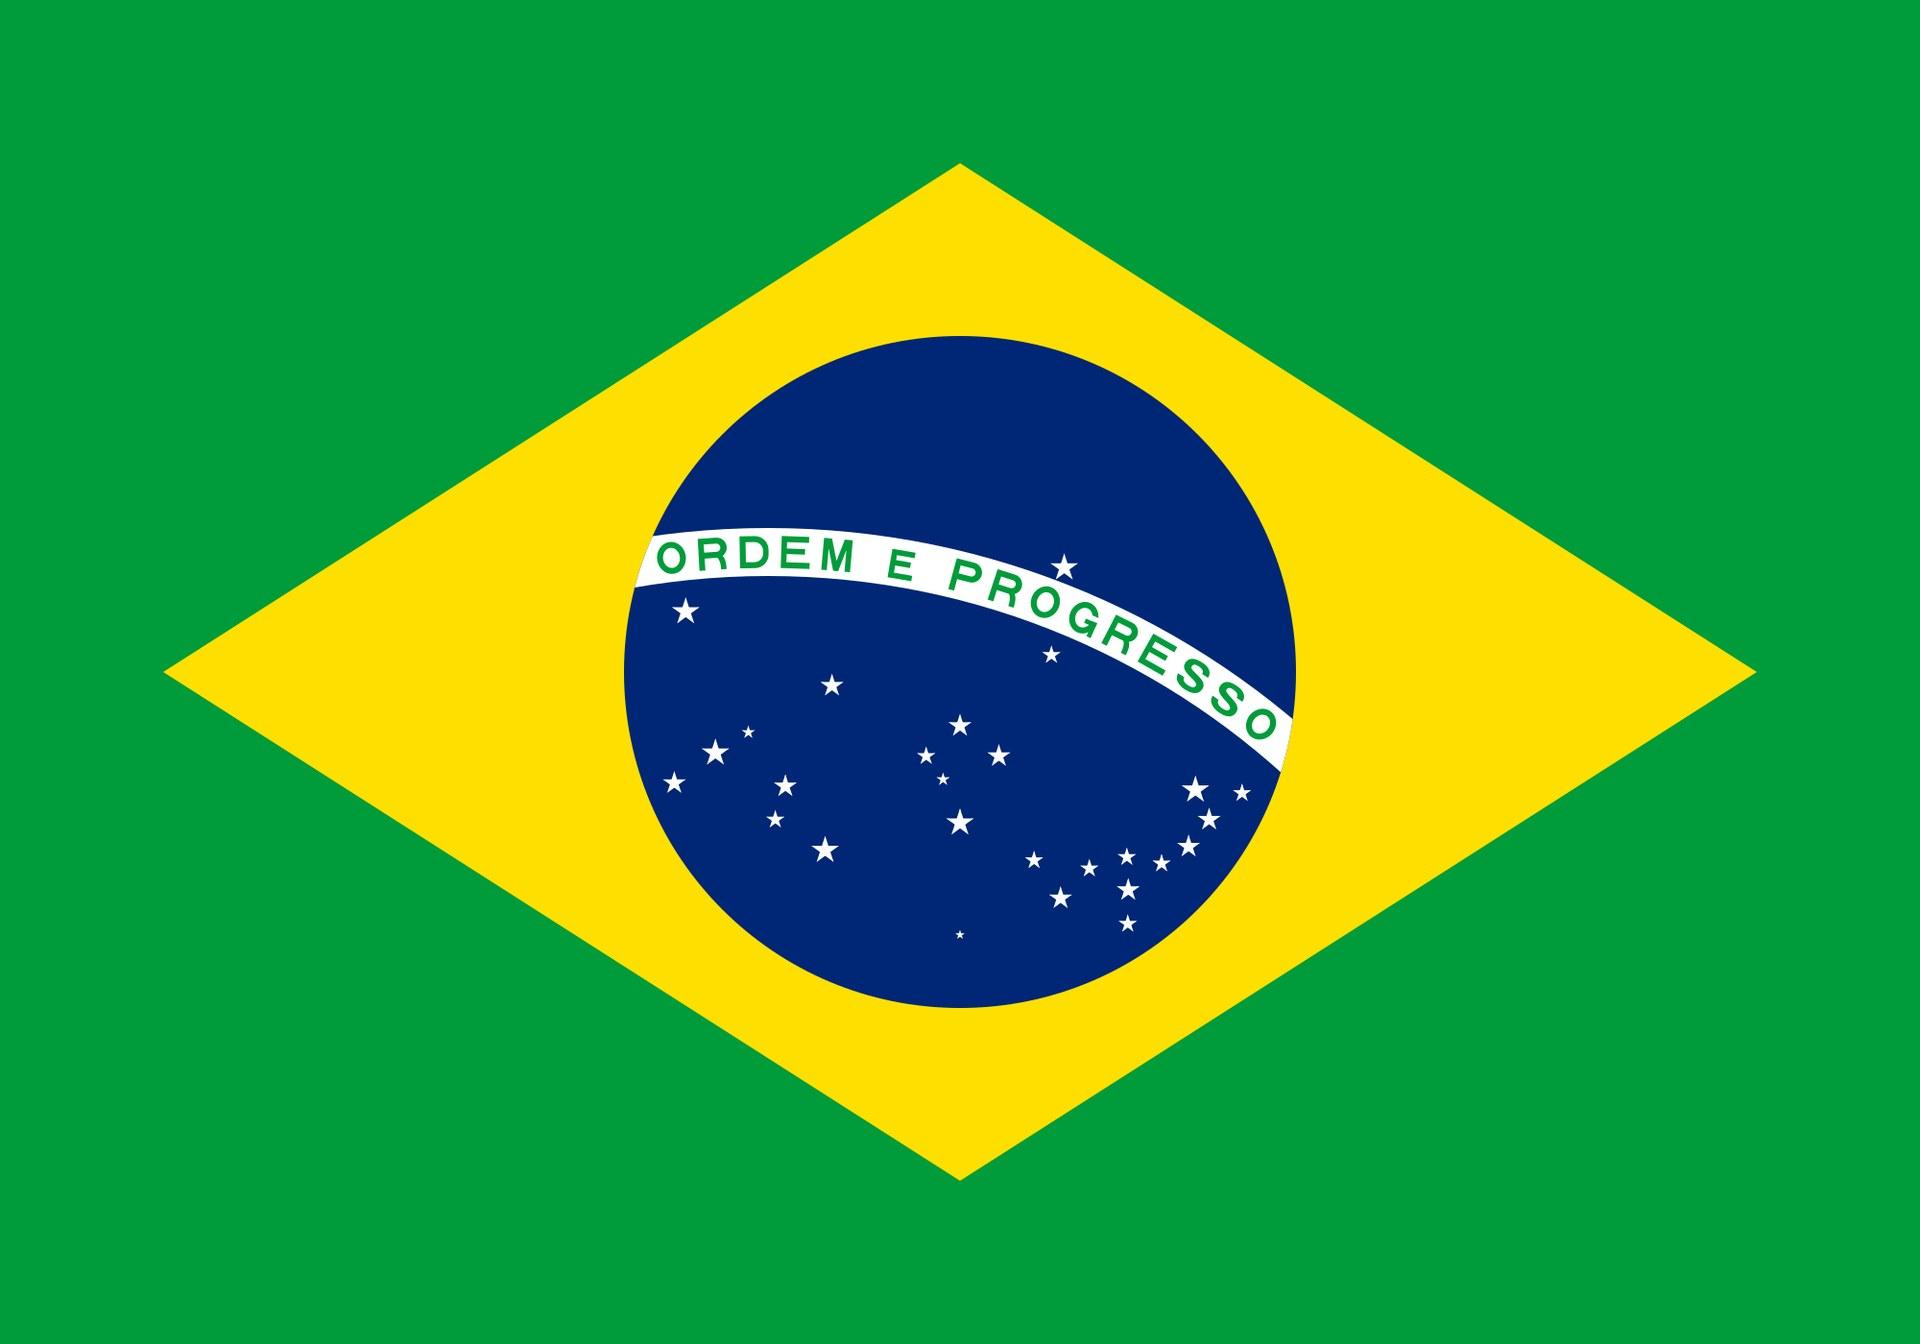 Flagge Brasilien.jpg